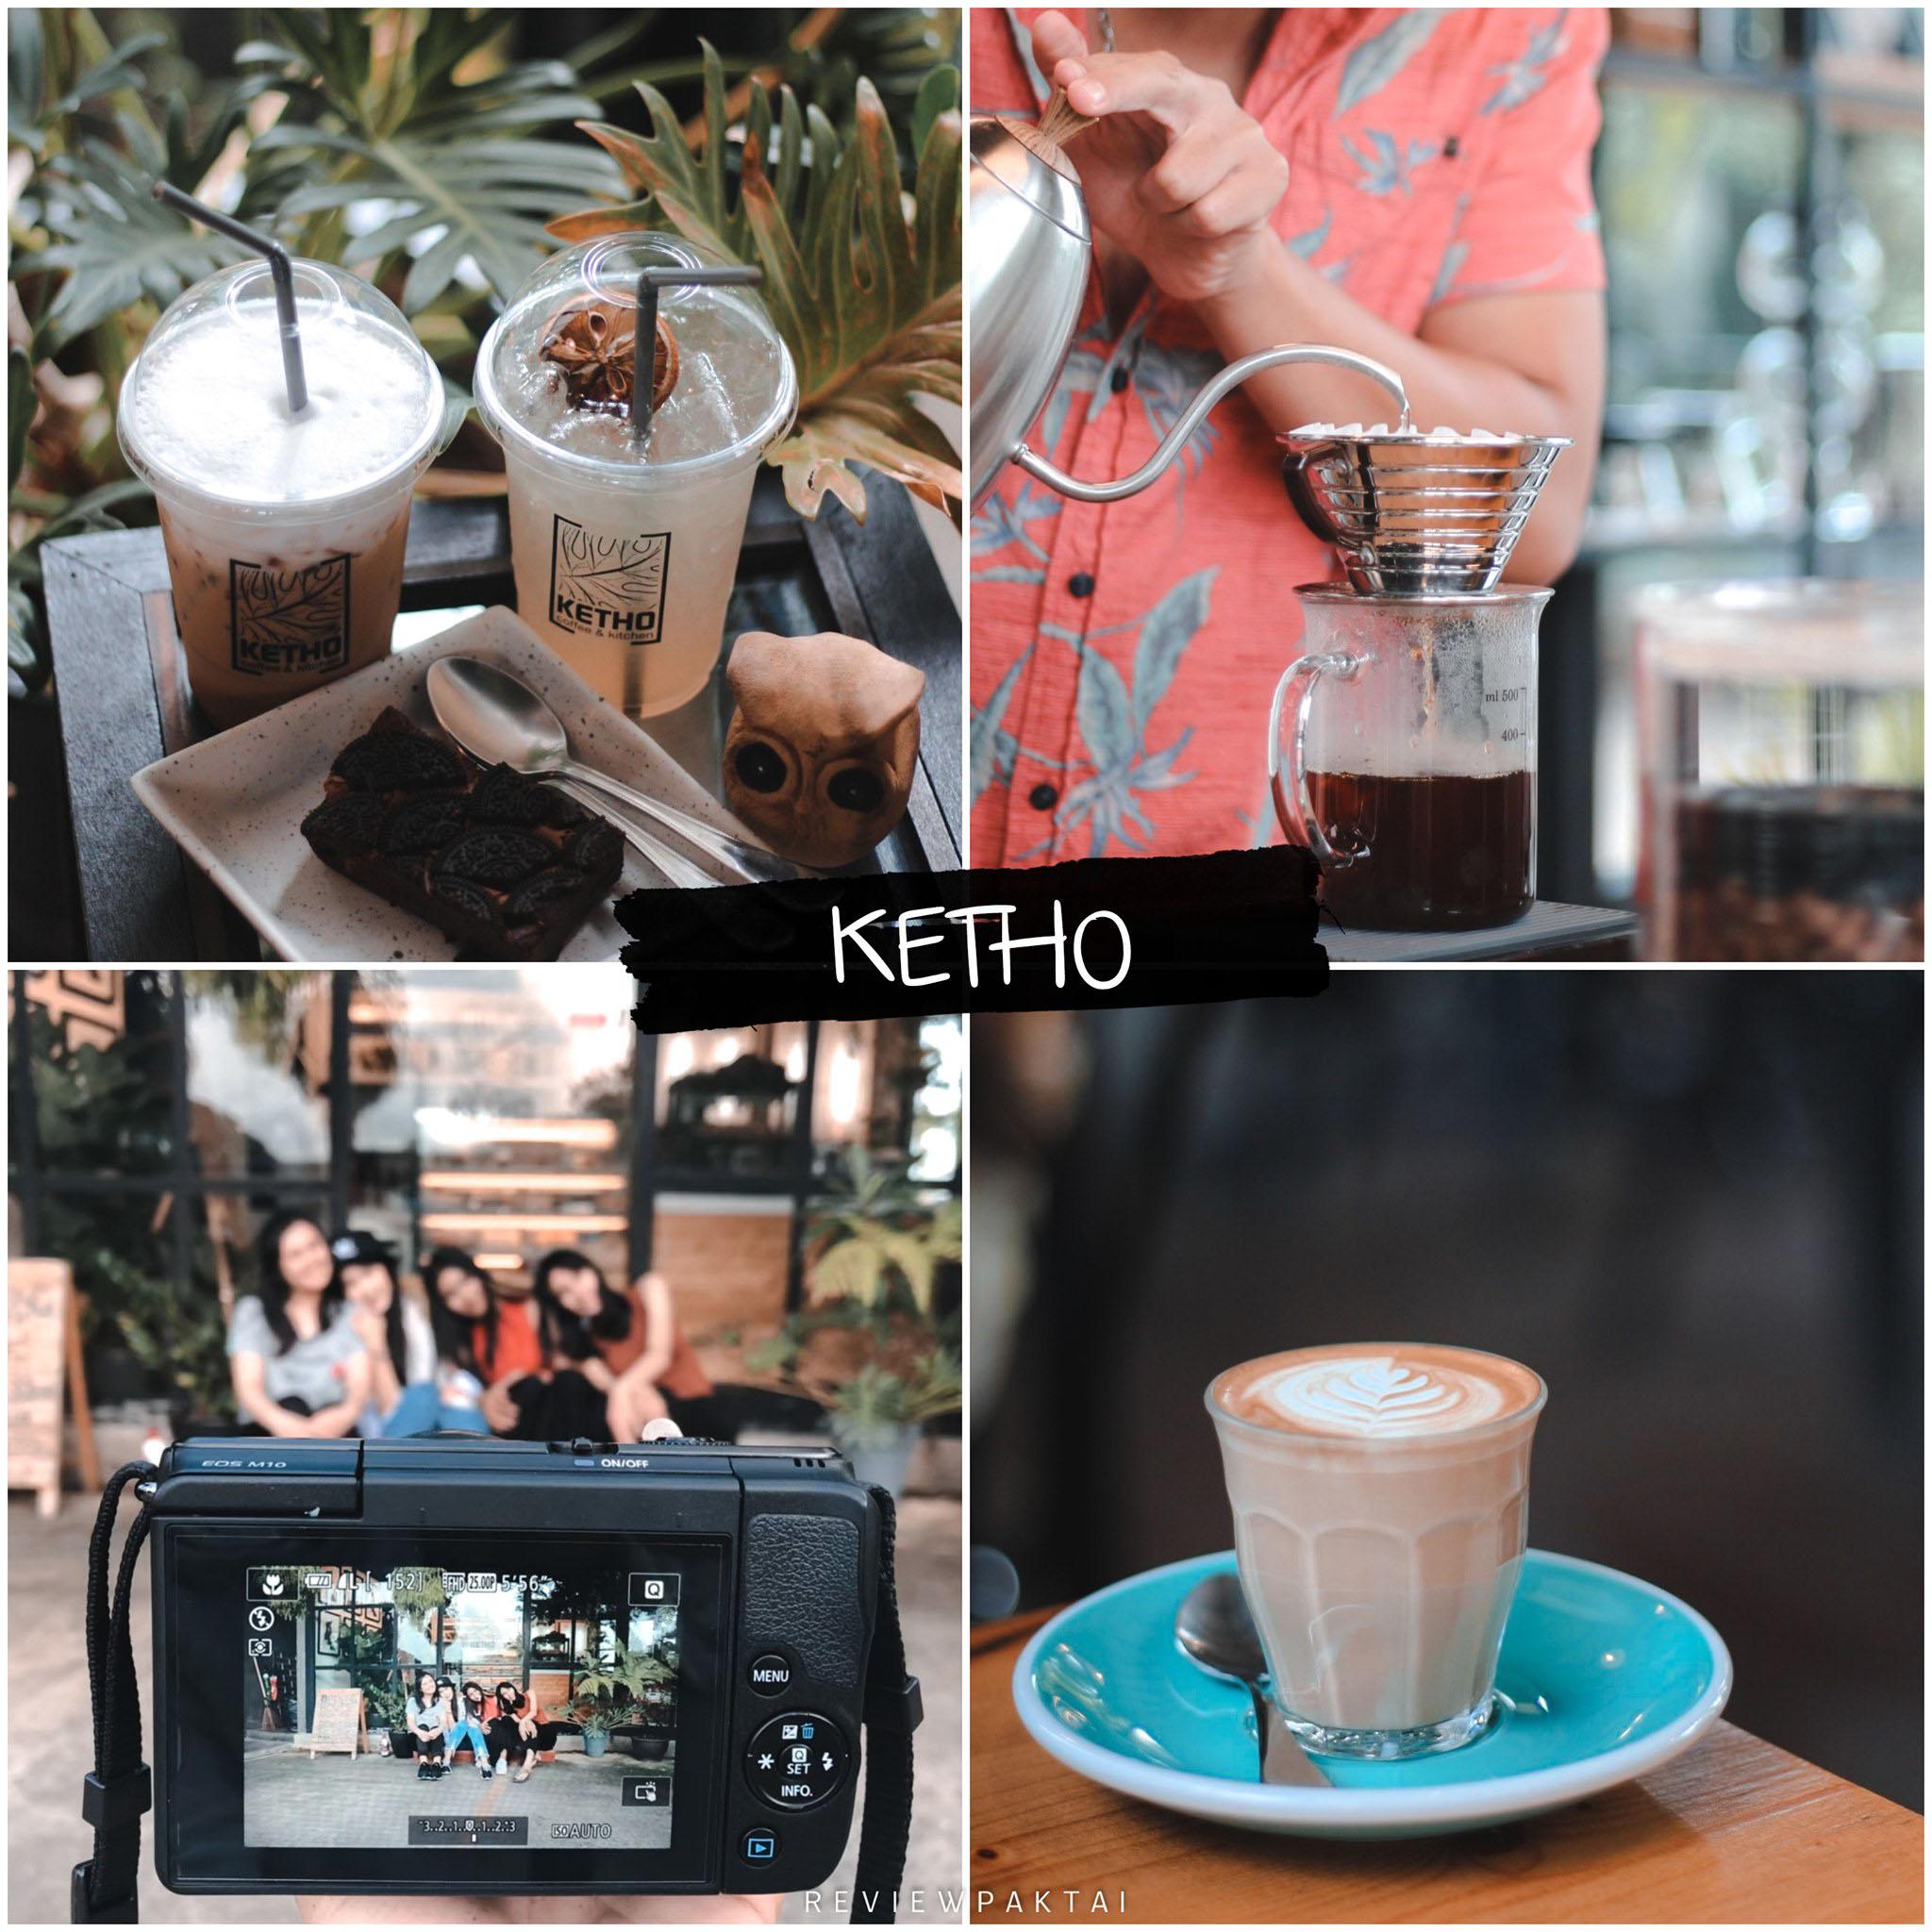 ร้านลับที่ไม่ลับ KetHo Coffee & Kitchen ร้านสวยตกแต่งมีสไตล์ ต้นไม้สีเขียวเยอะ เมนูอาหารให้เลือกเพียบแบบจุกๆไปเลยย